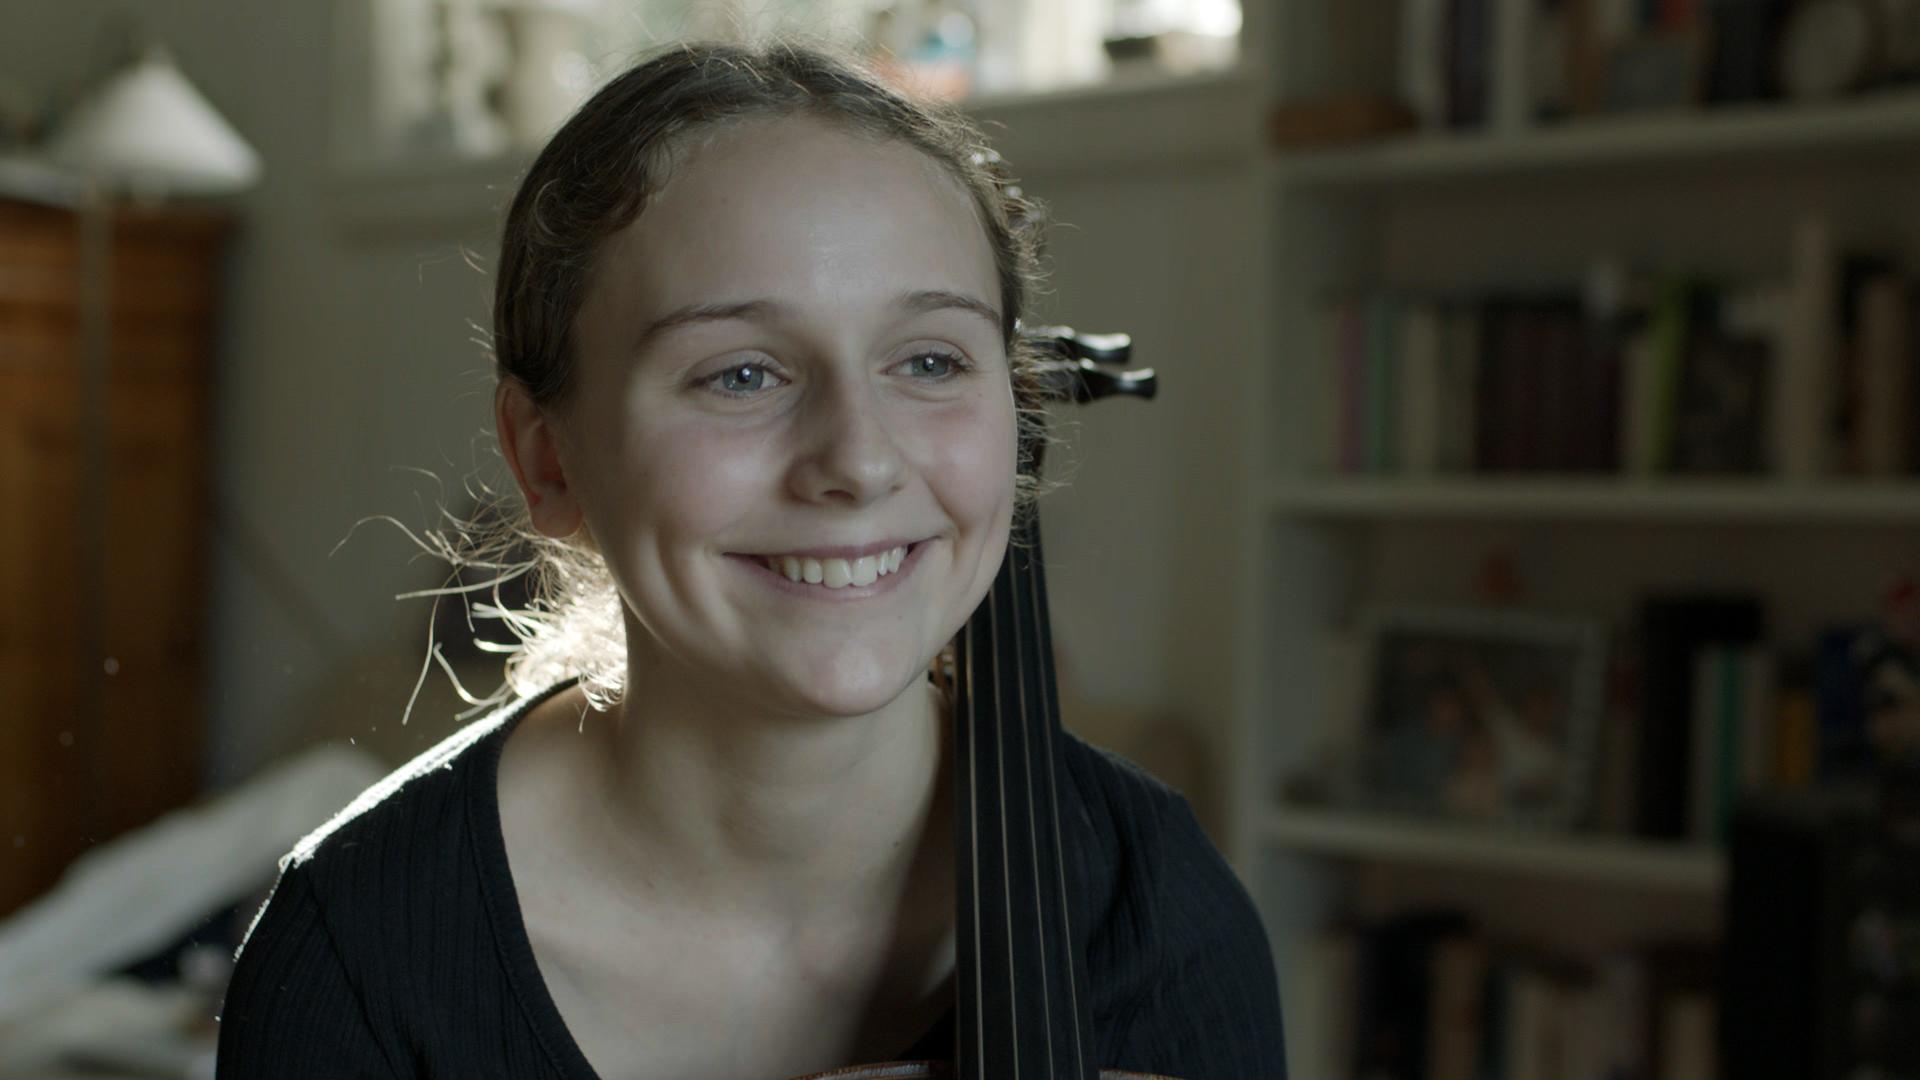 13-årige Lilli deltager i Vidunderbørn på DR1